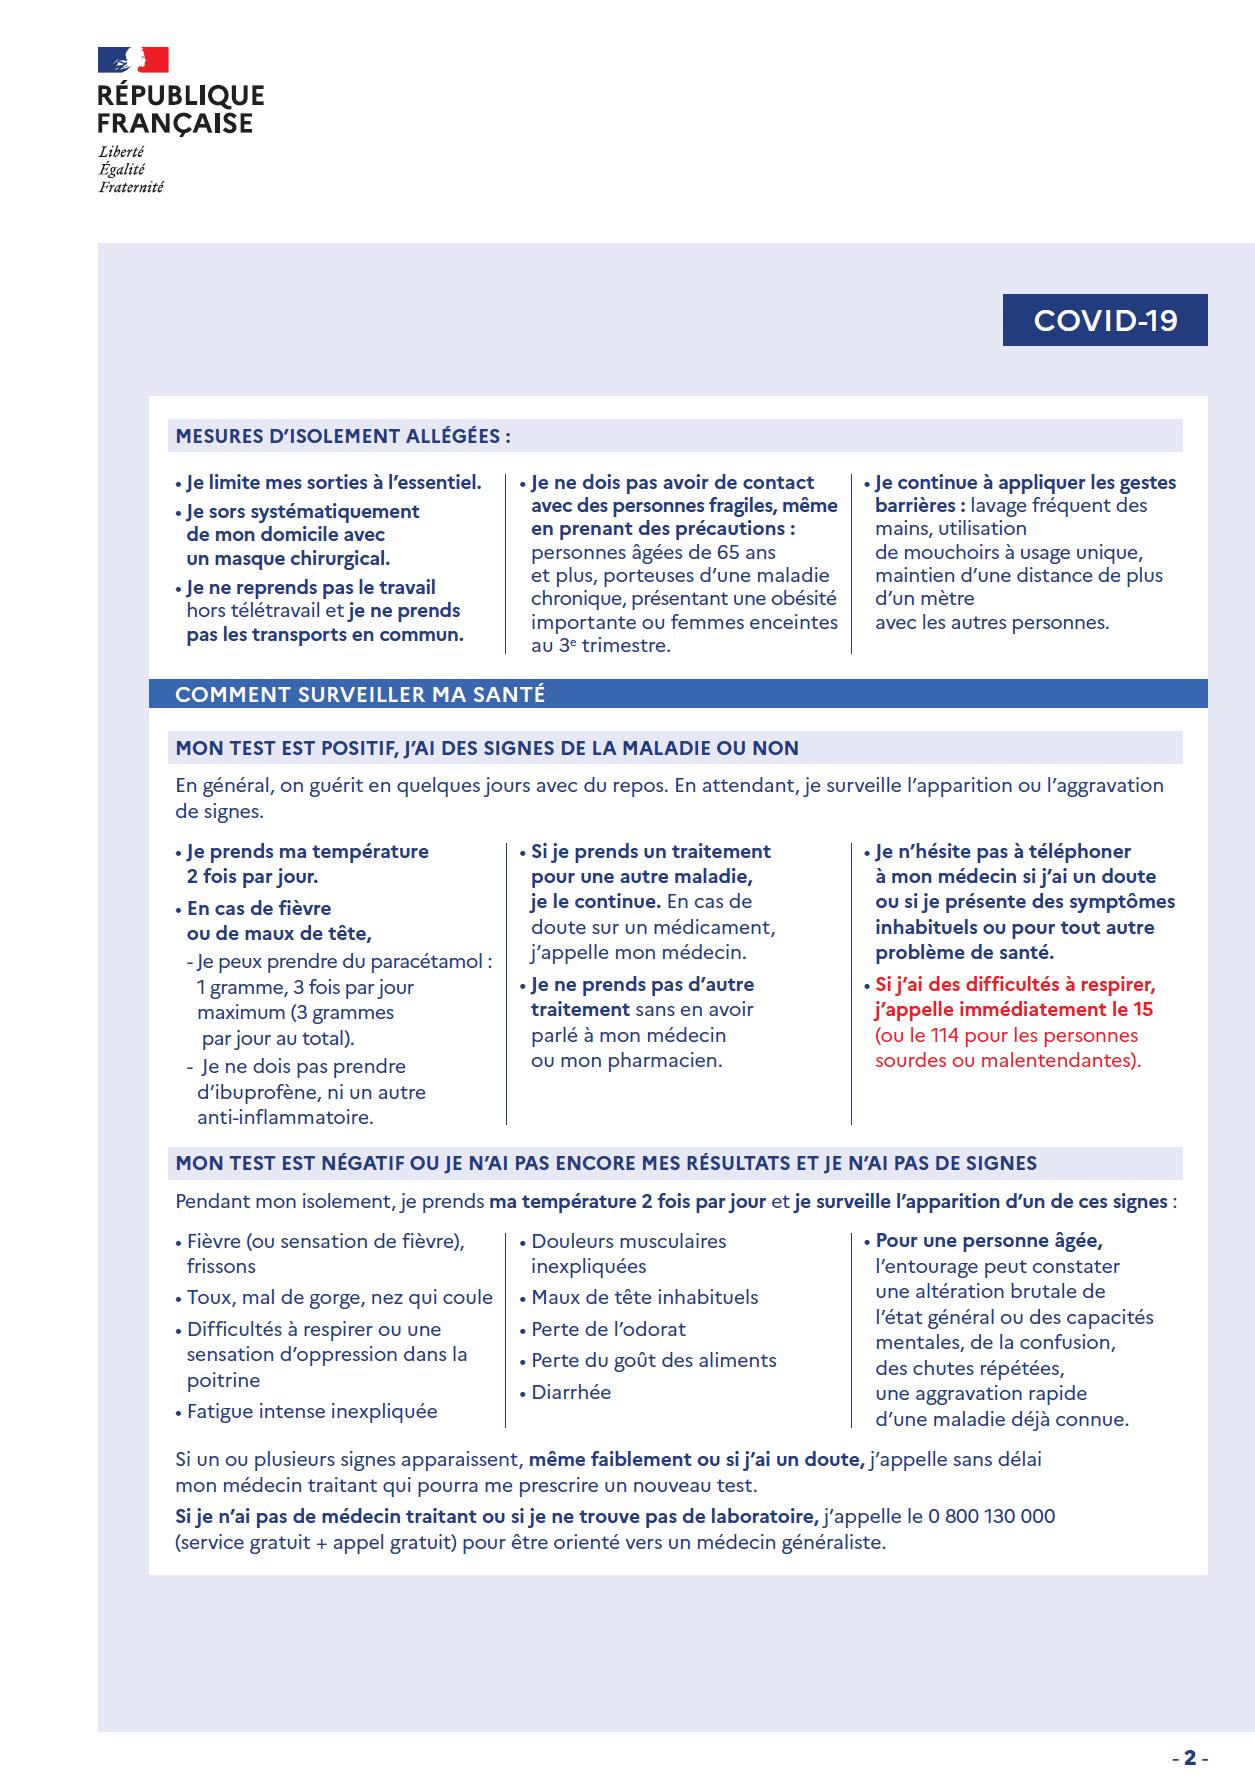 J_ai été en contact avec une personne malade de la COVID19 santé publique France p2.png